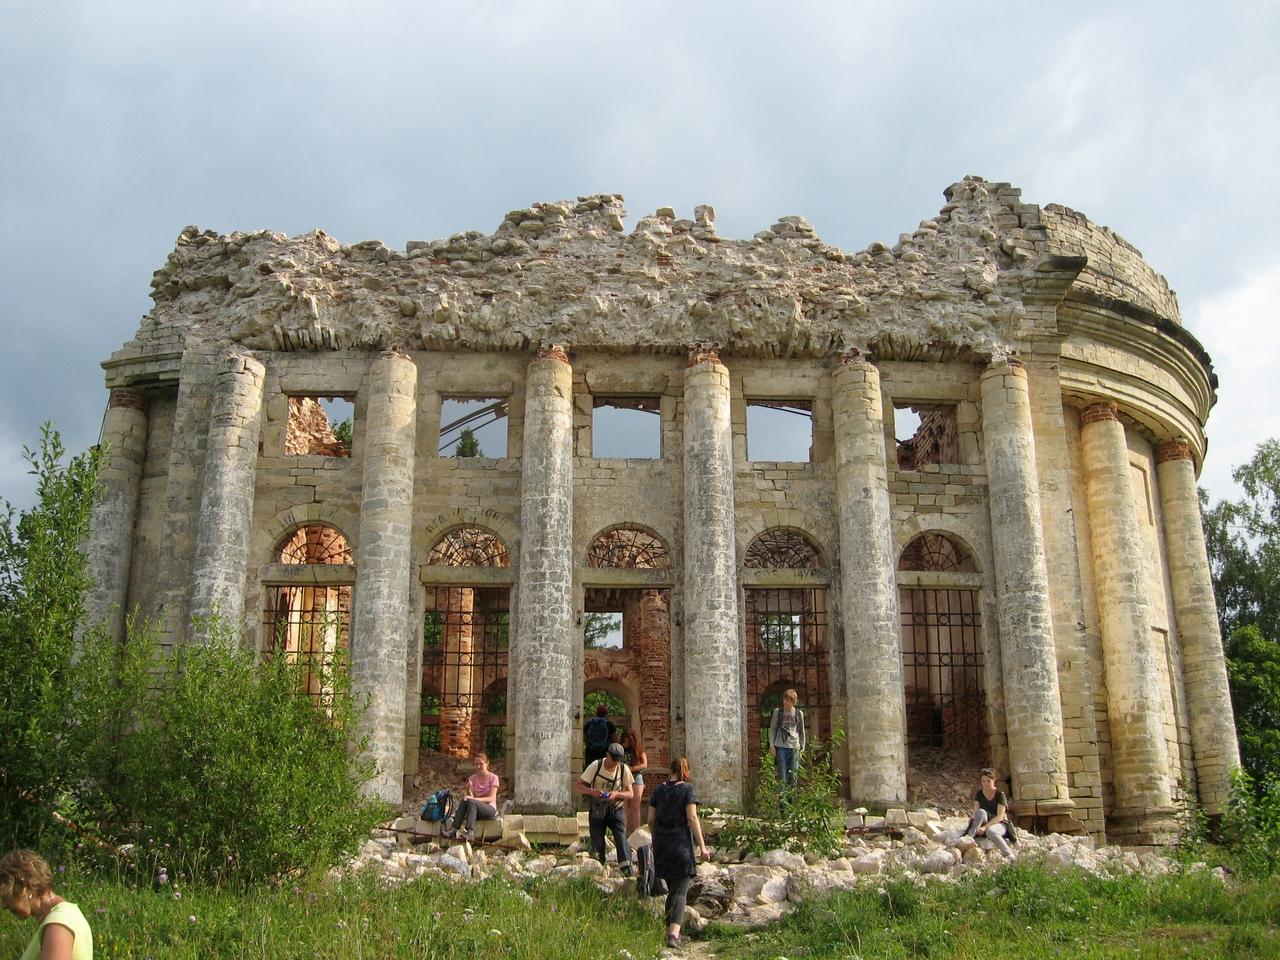 По Волосовскому району в июле. Волшебное озеро Донцо и храм в Пятой Горе.